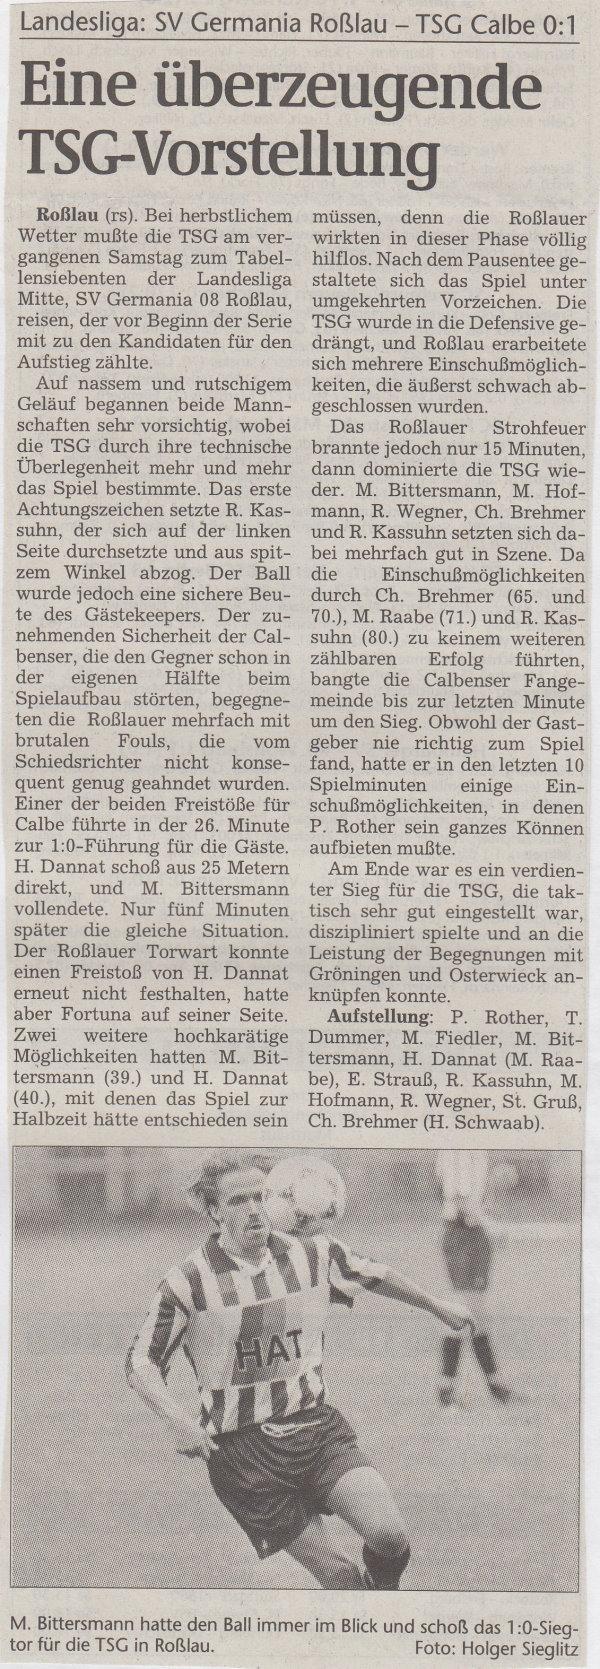 Volksstimme-Bericht vom 12. September 1998.